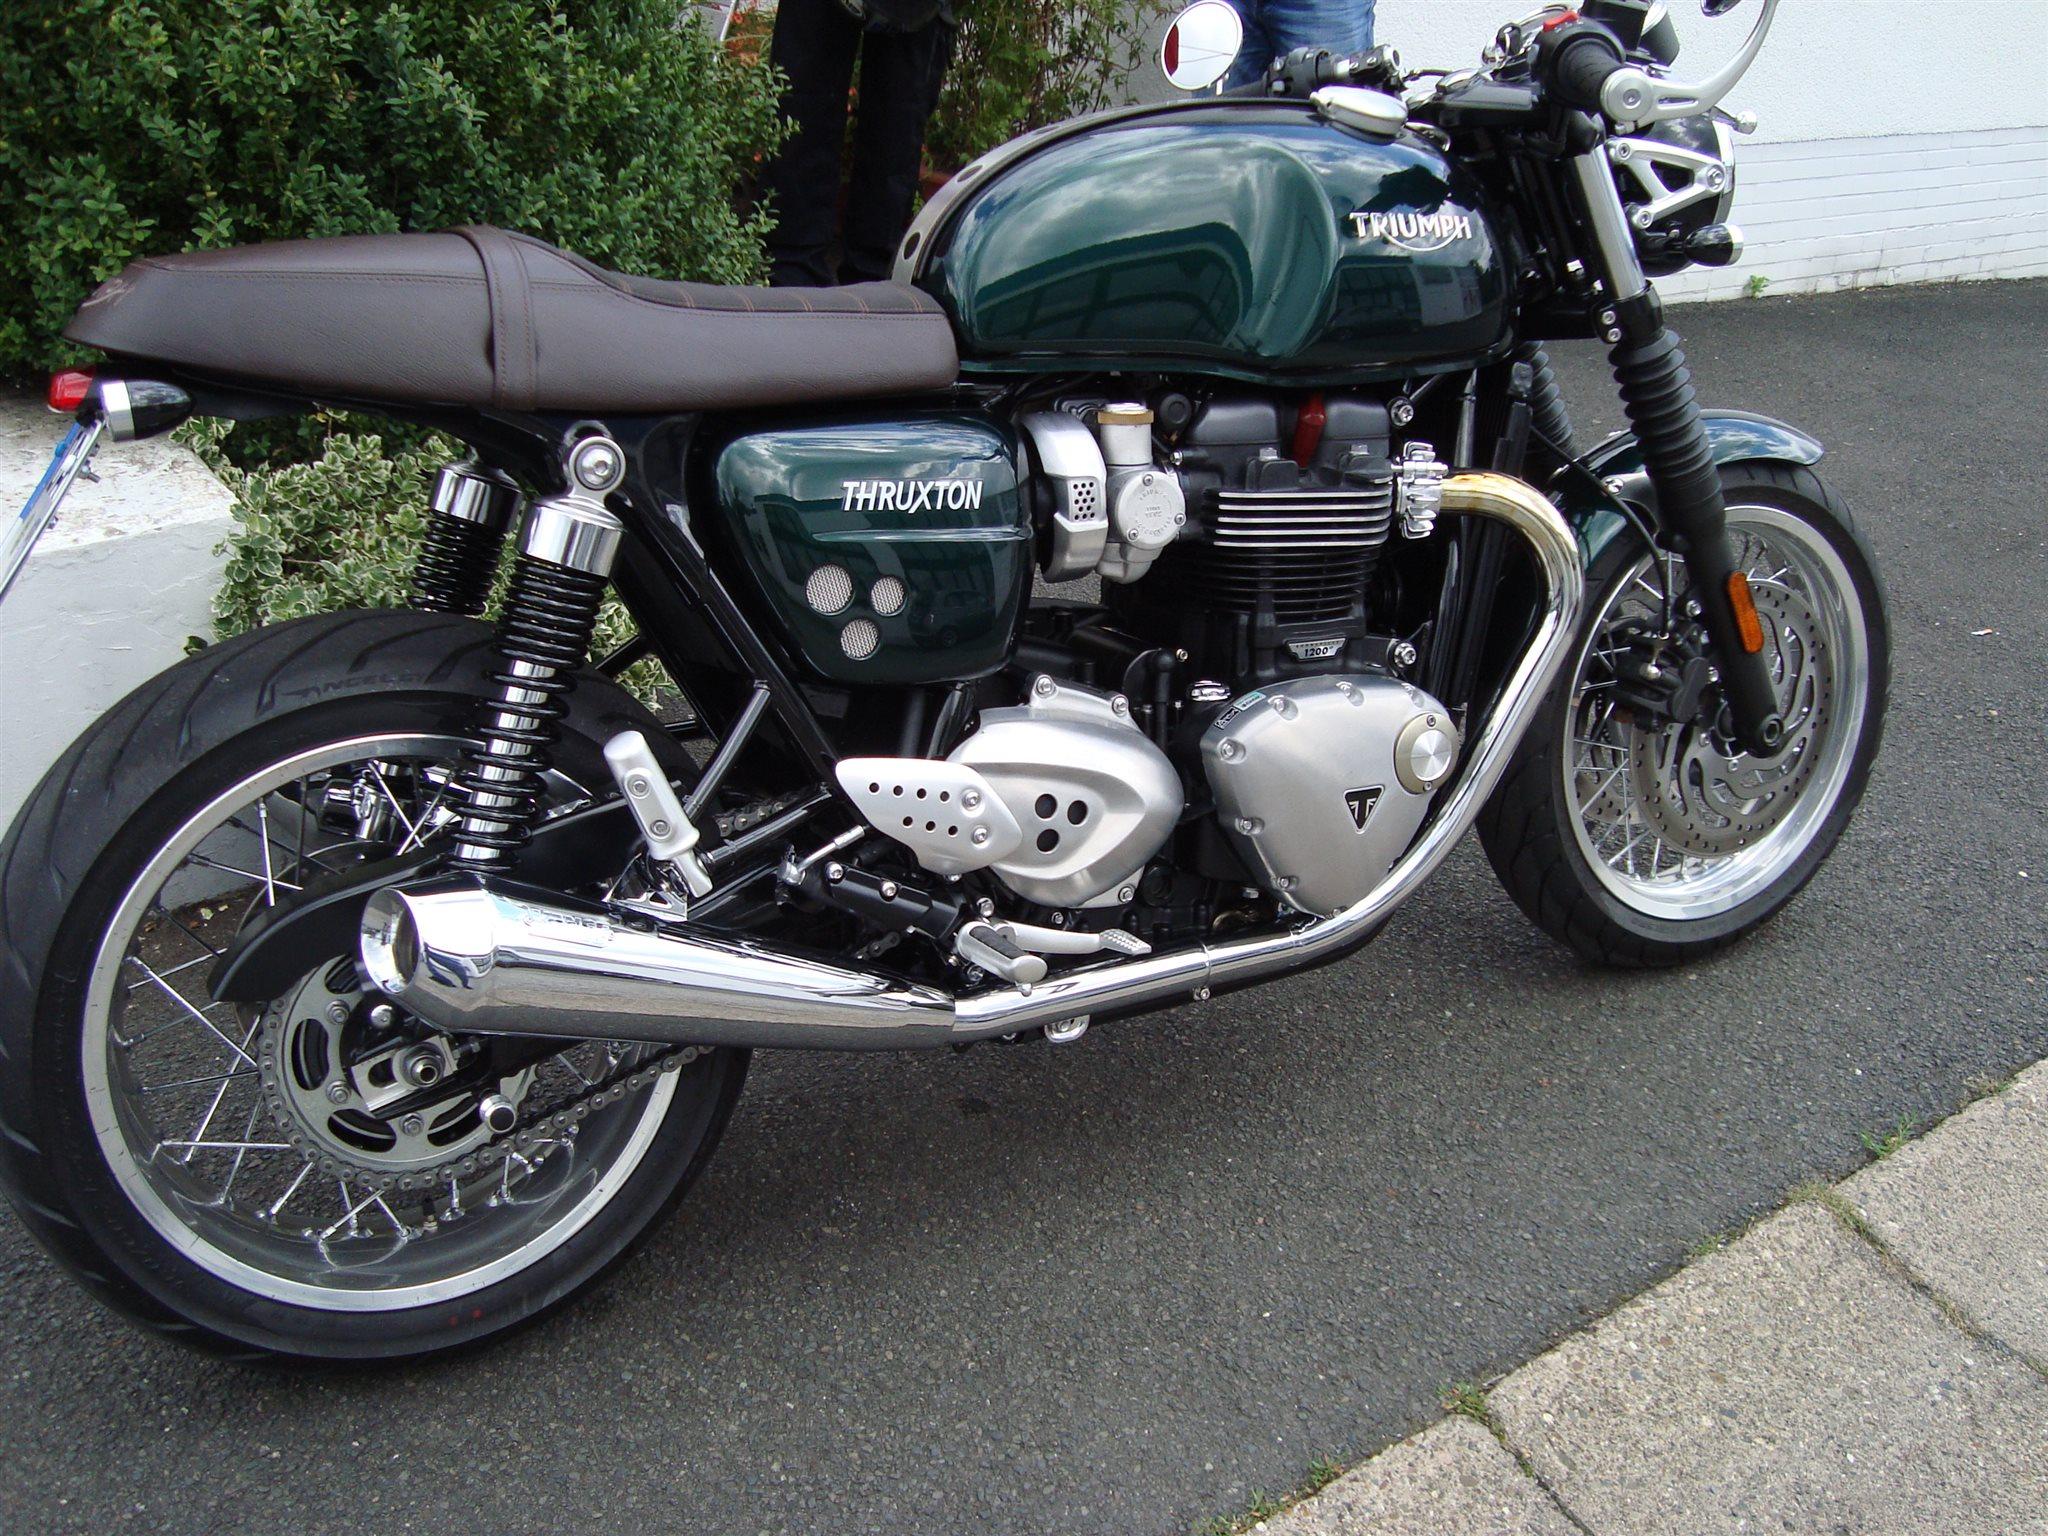 umgebautes motorrad triumph thruxton 1200 von motorrad reinhardt kfz ohg. Black Bedroom Furniture Sets. Home Design Ideas